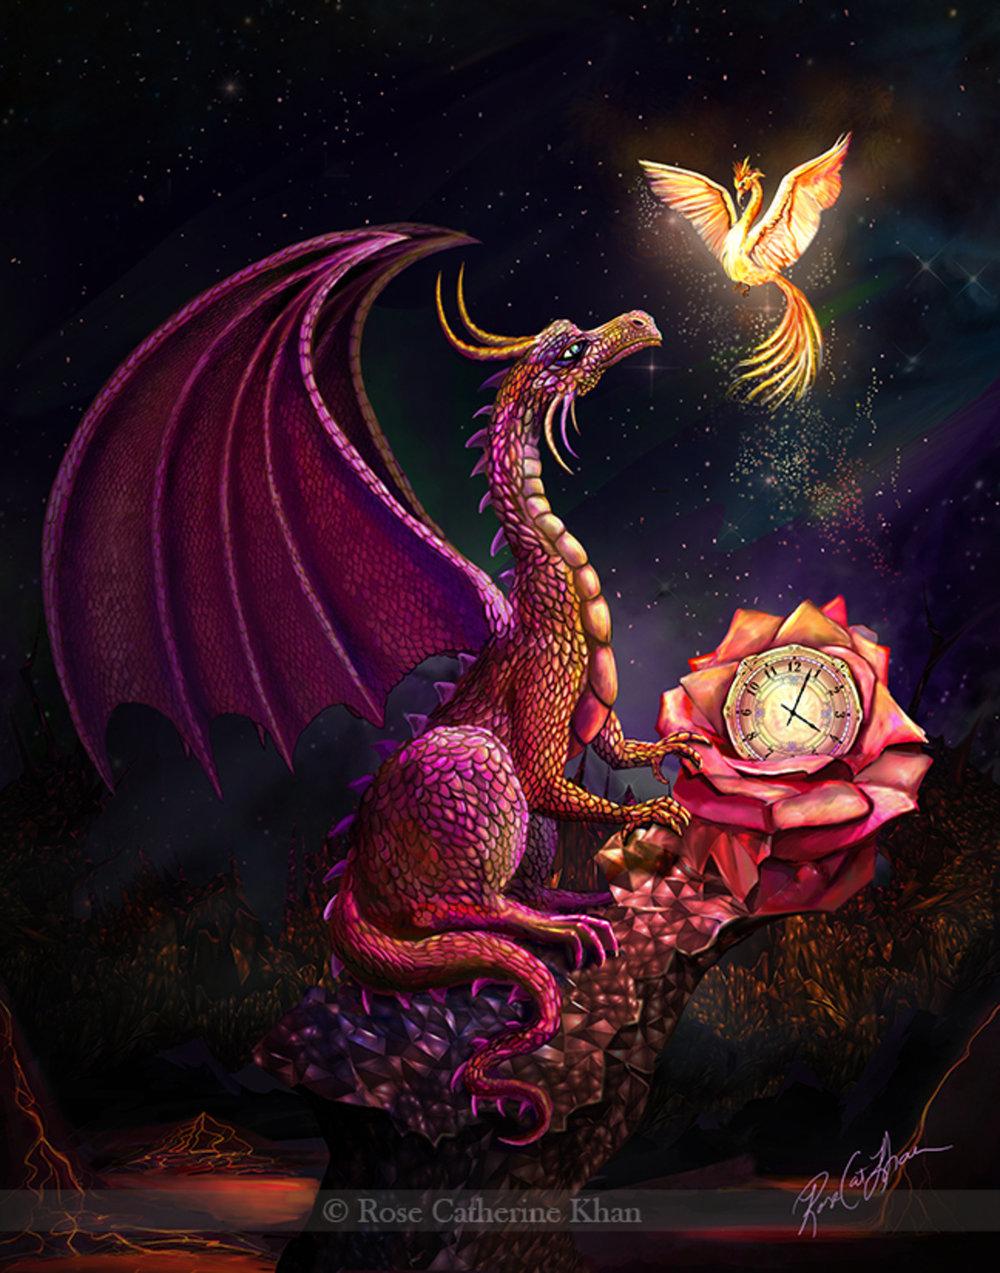 time_dragon_scarlet_rose.jpg